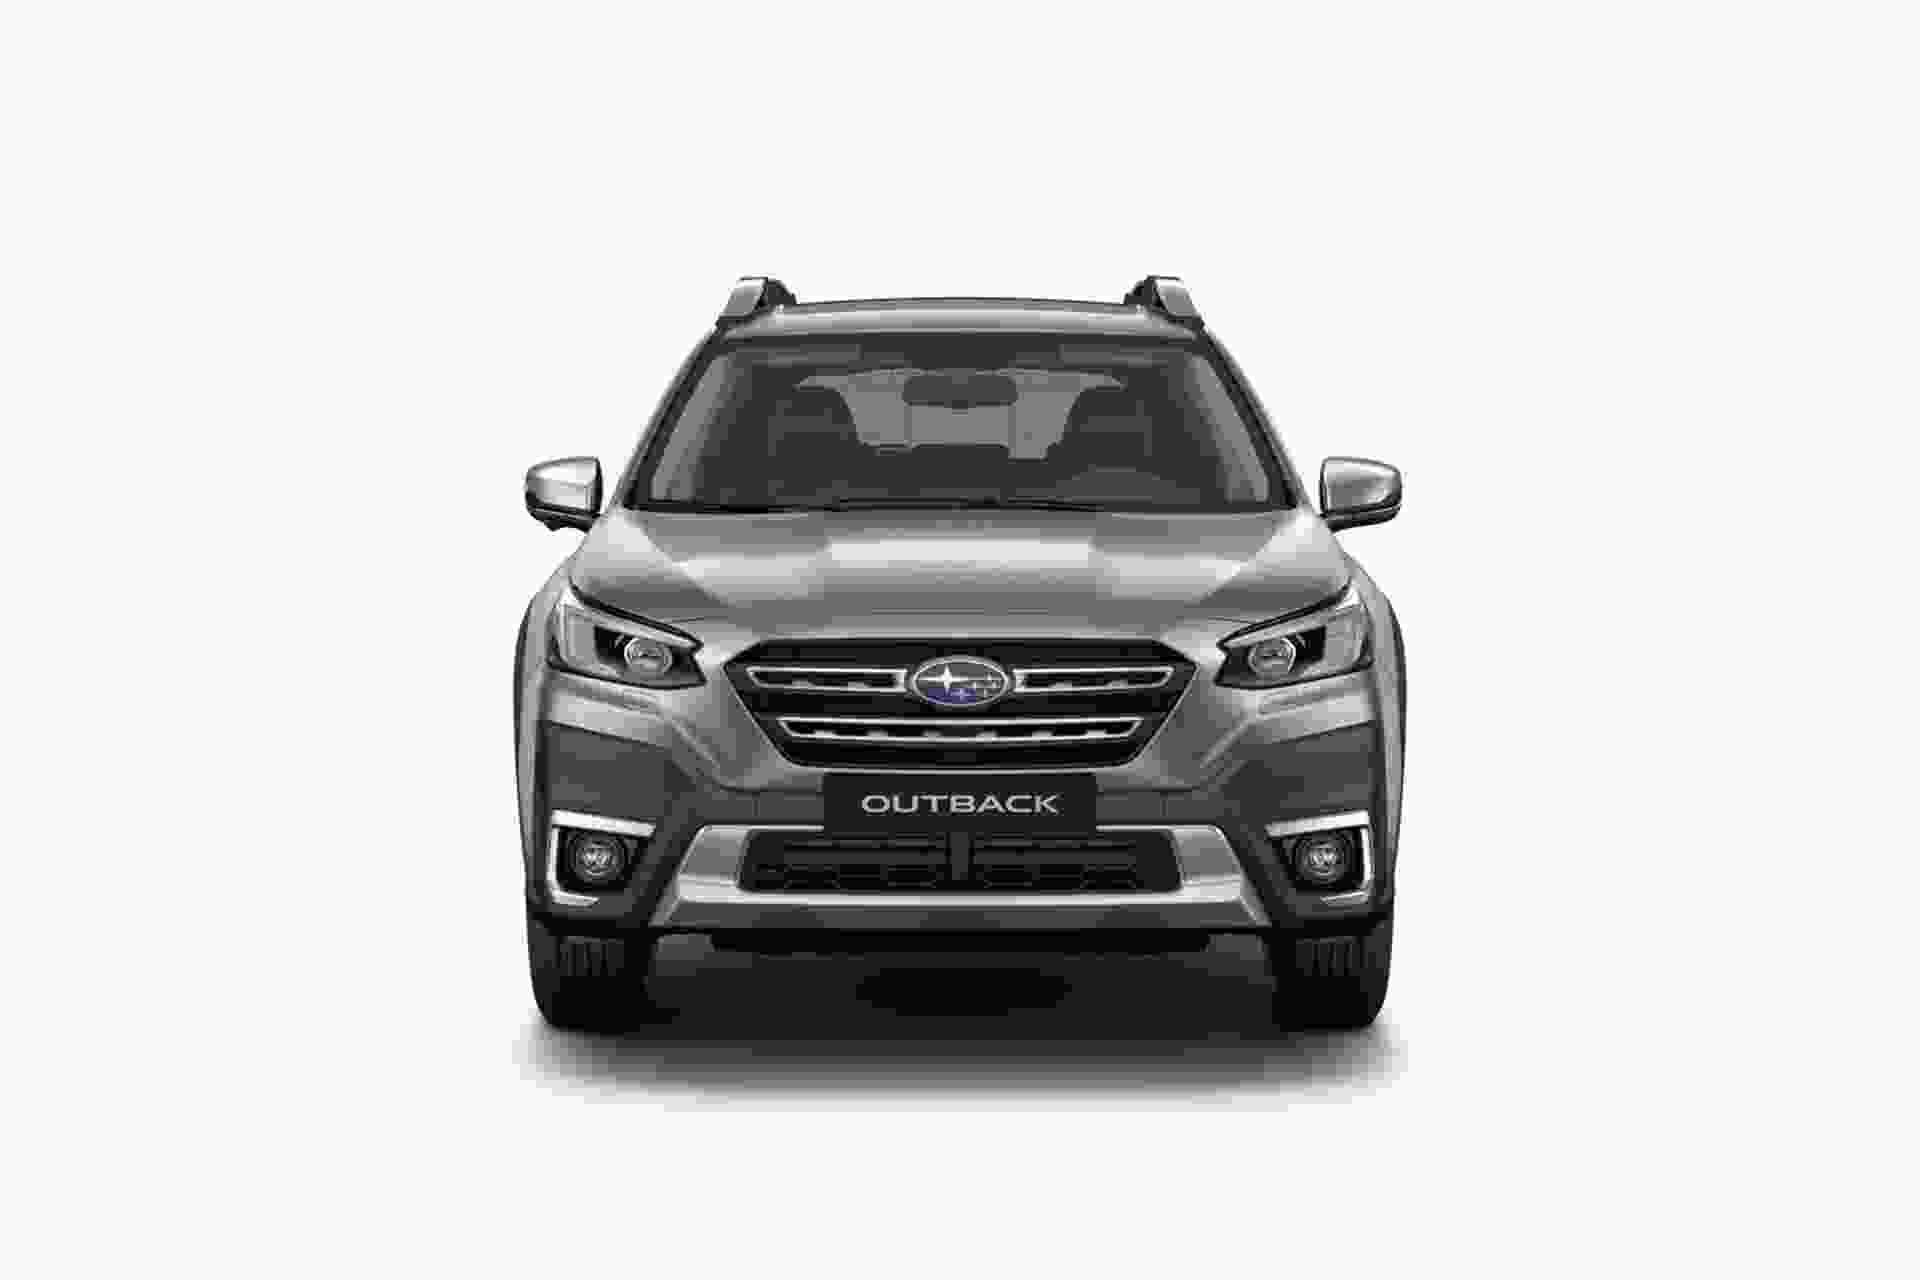 Subaru_Outback-greek_0001